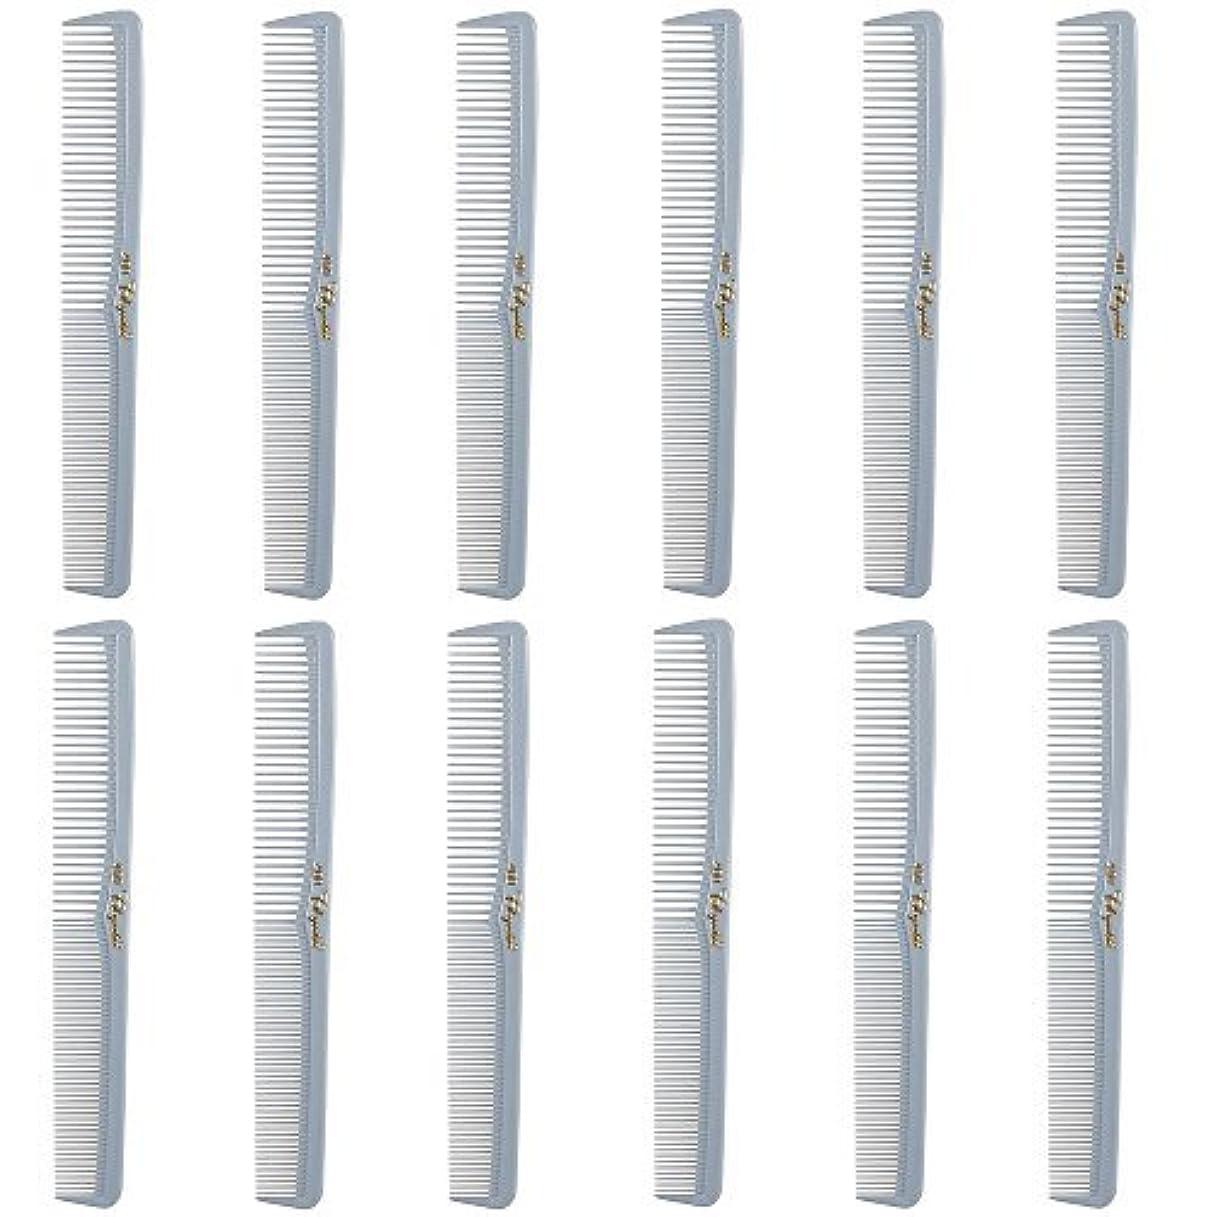 鼓舞する事業新着Barber Beauty Hair Cleopatra 400 All Purpose Comb (12 Pack) 12 x SB-C400-LGREY [並行輸入品]